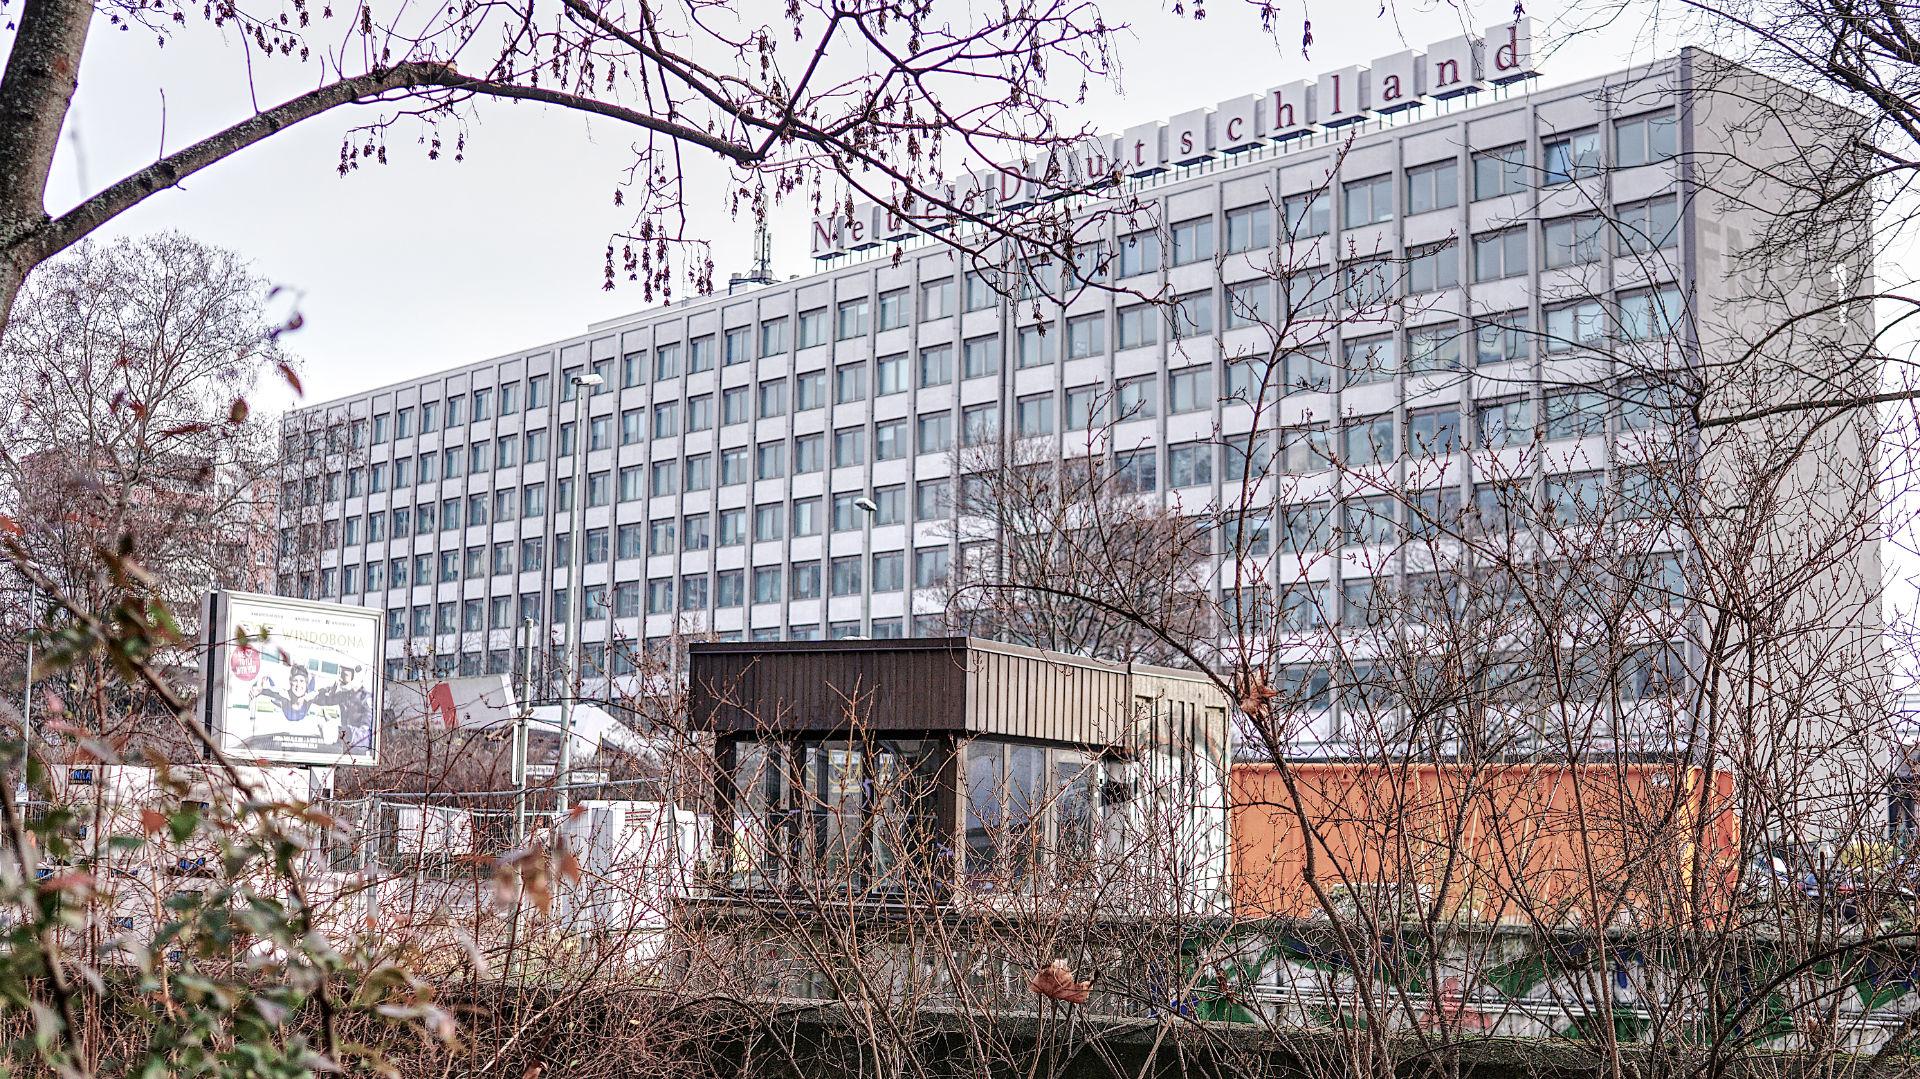 Foto des Aufnahmeortes - hier werden die DDR-Filme verwaltet